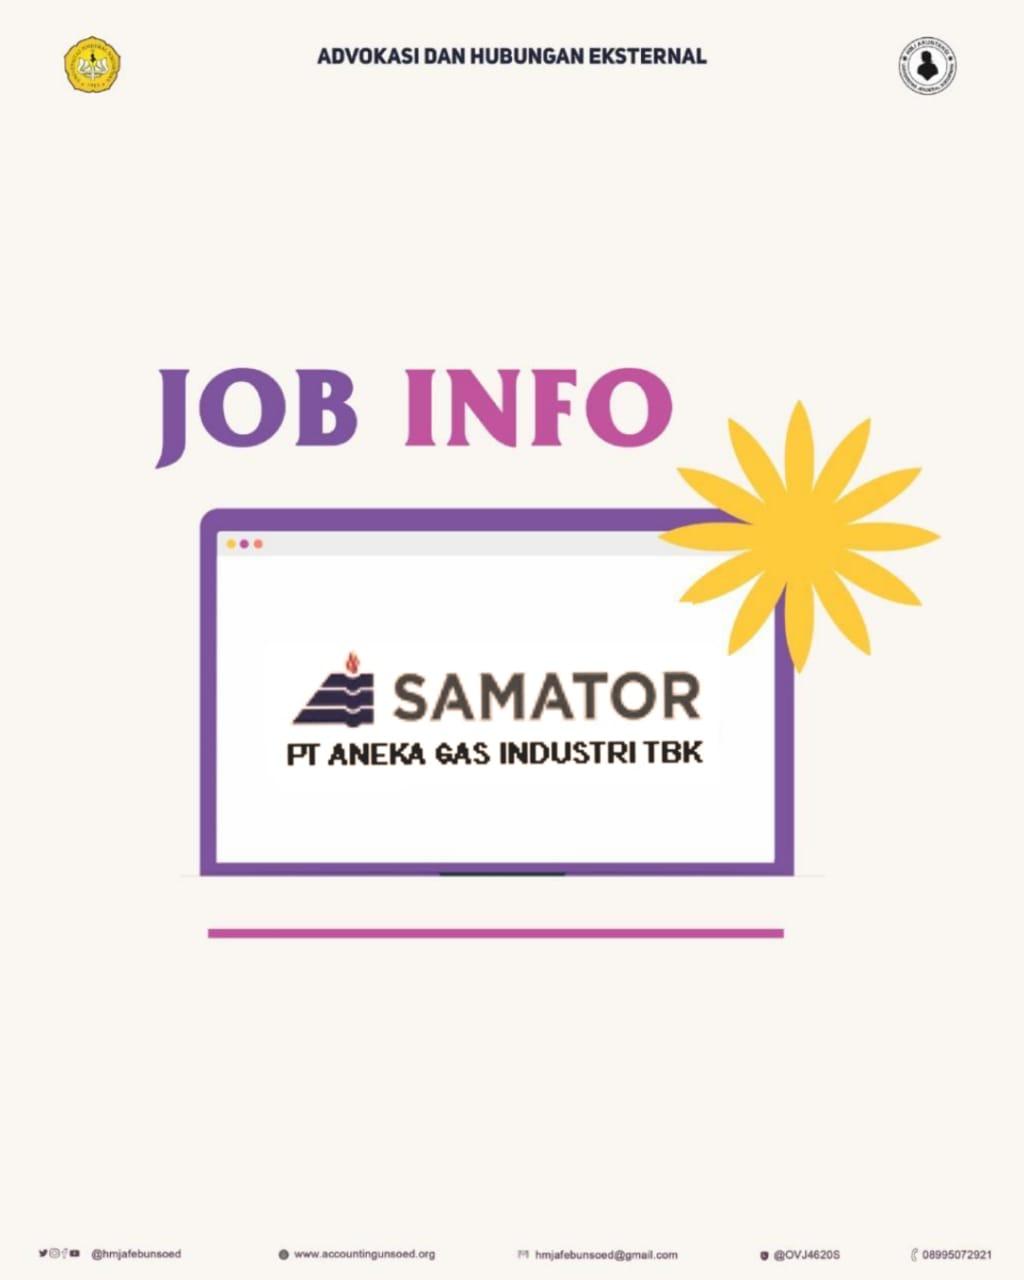 Samator (Job Info)